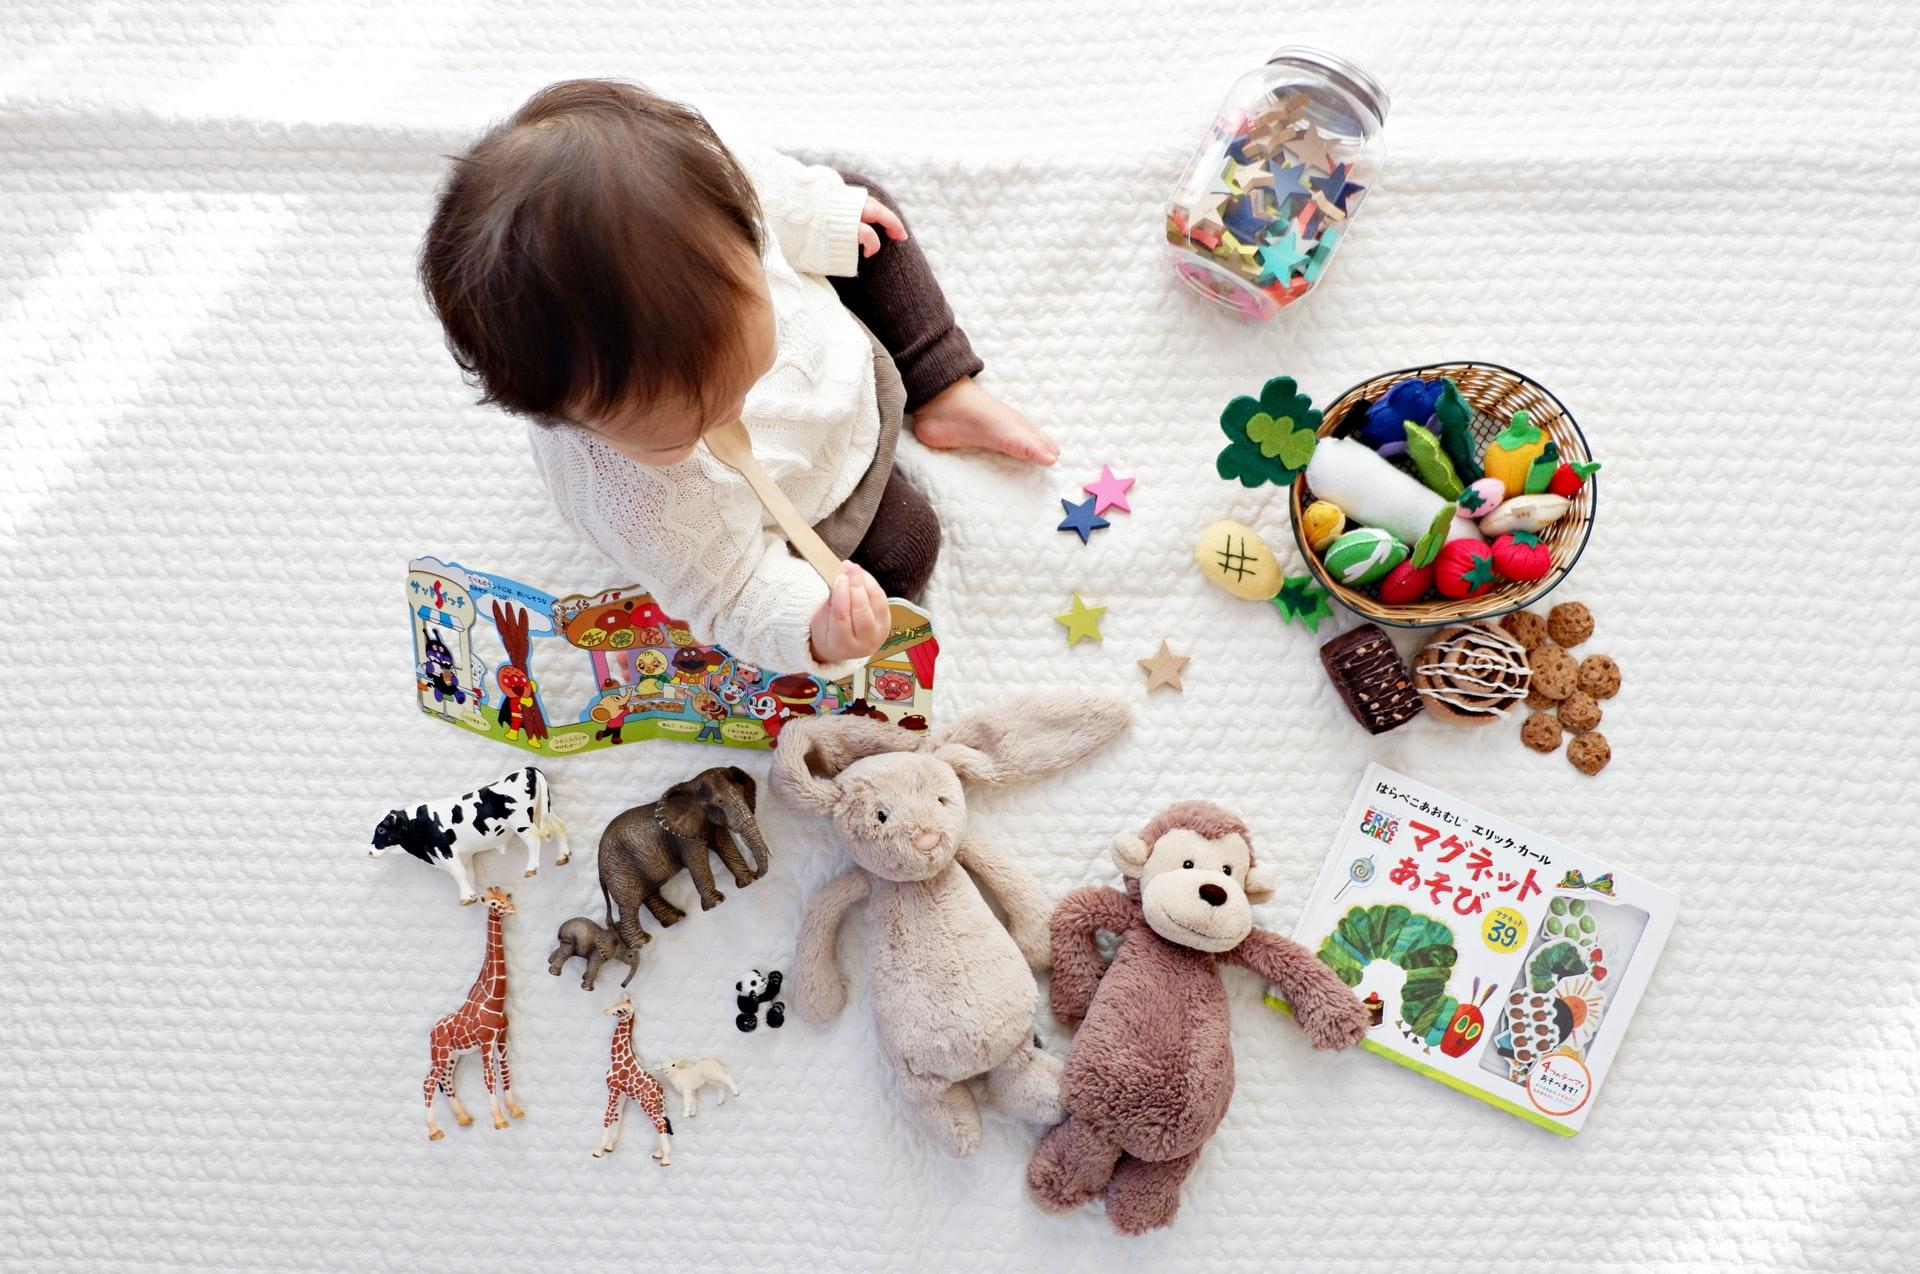 Ilustrasi perlengkapan mainan untuk bayi